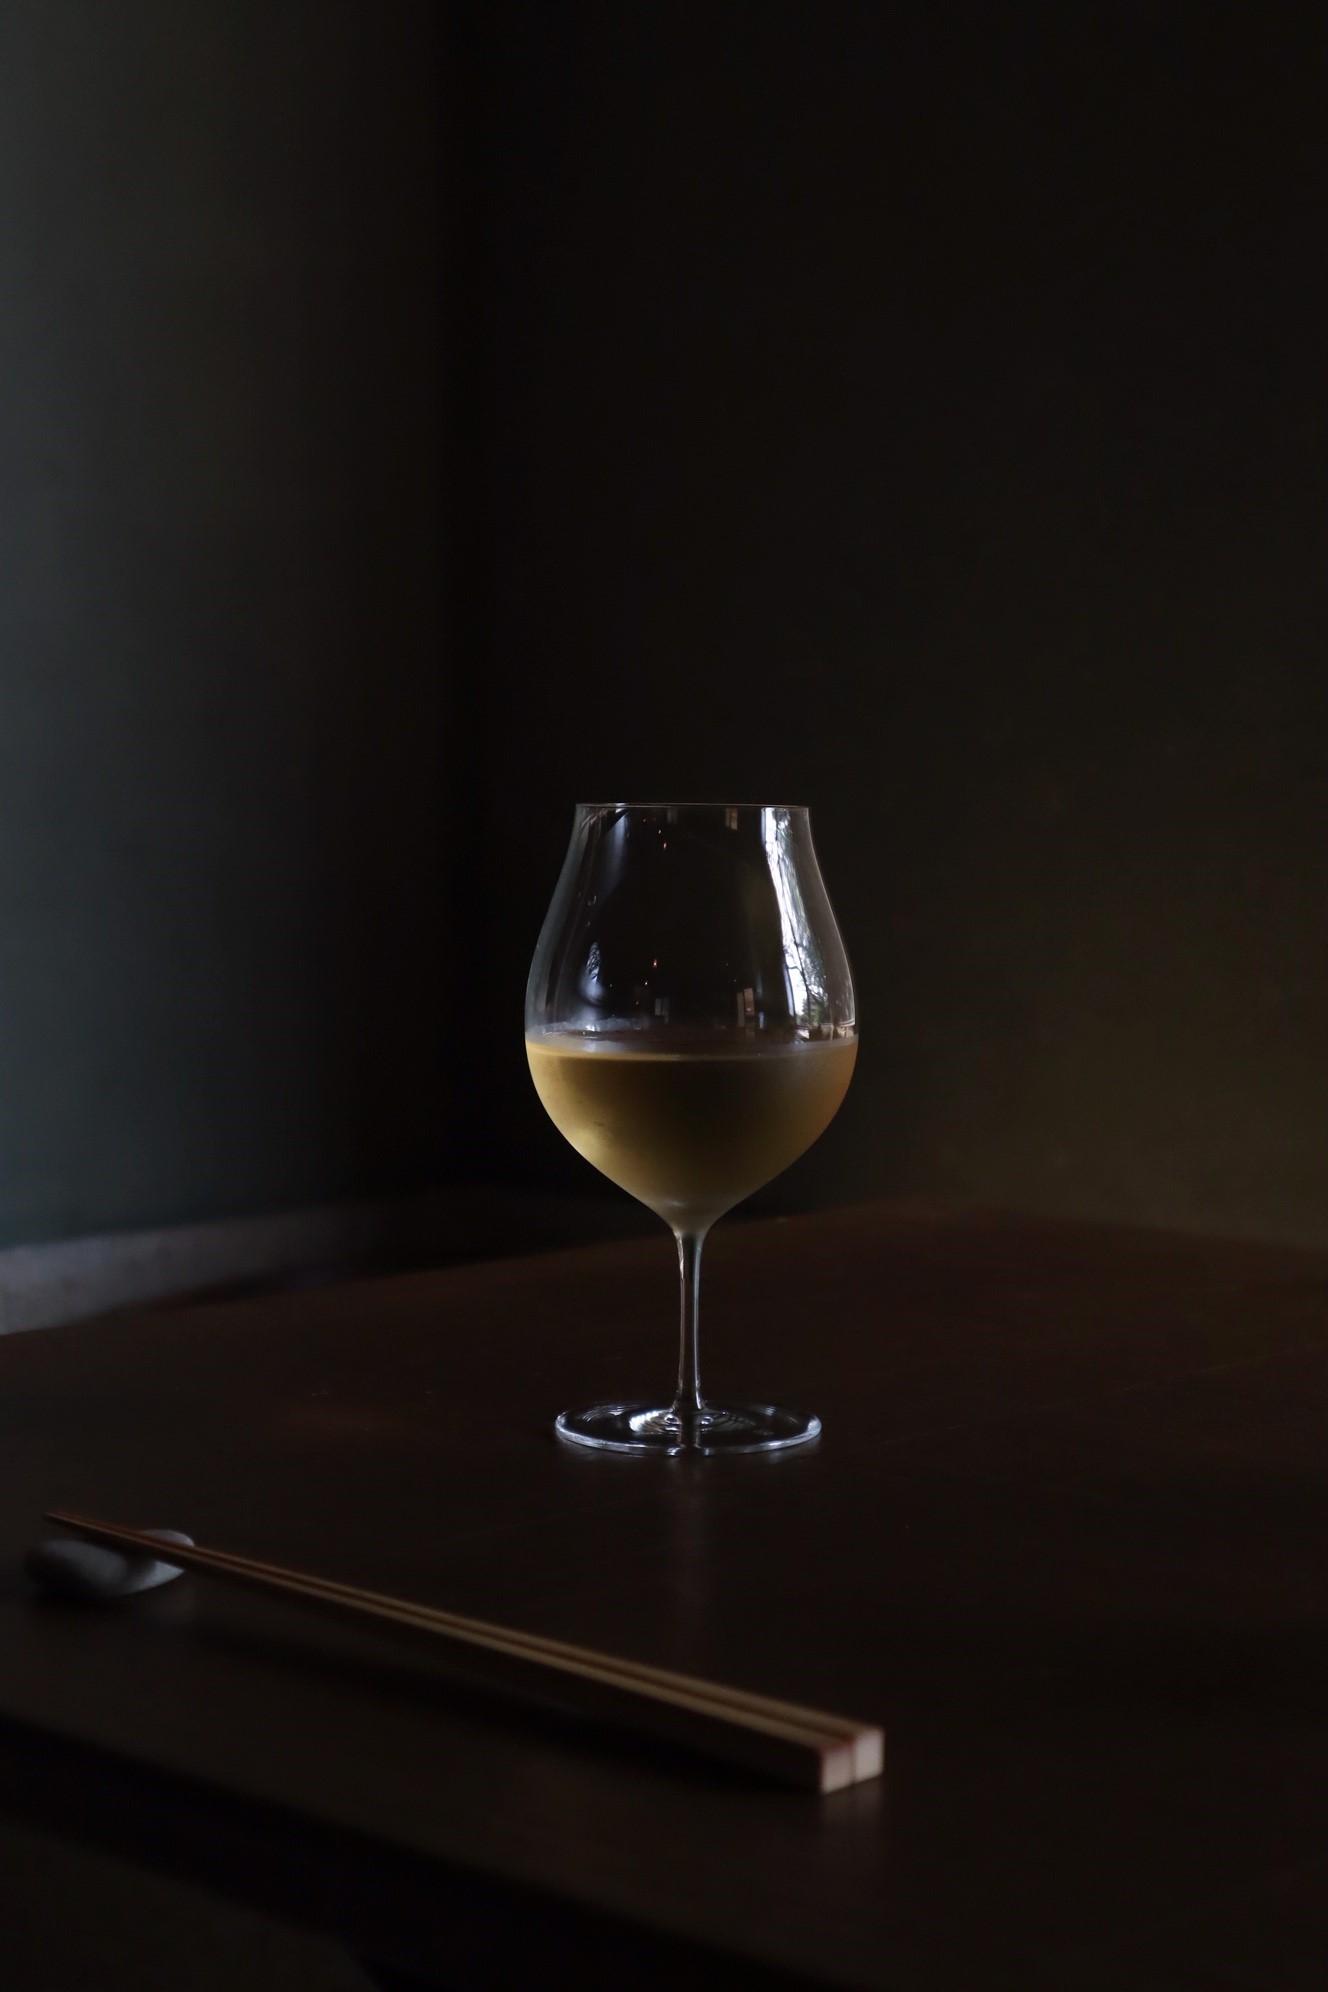 自然派ワインはダイニング、カフェ&バーで楽しめます